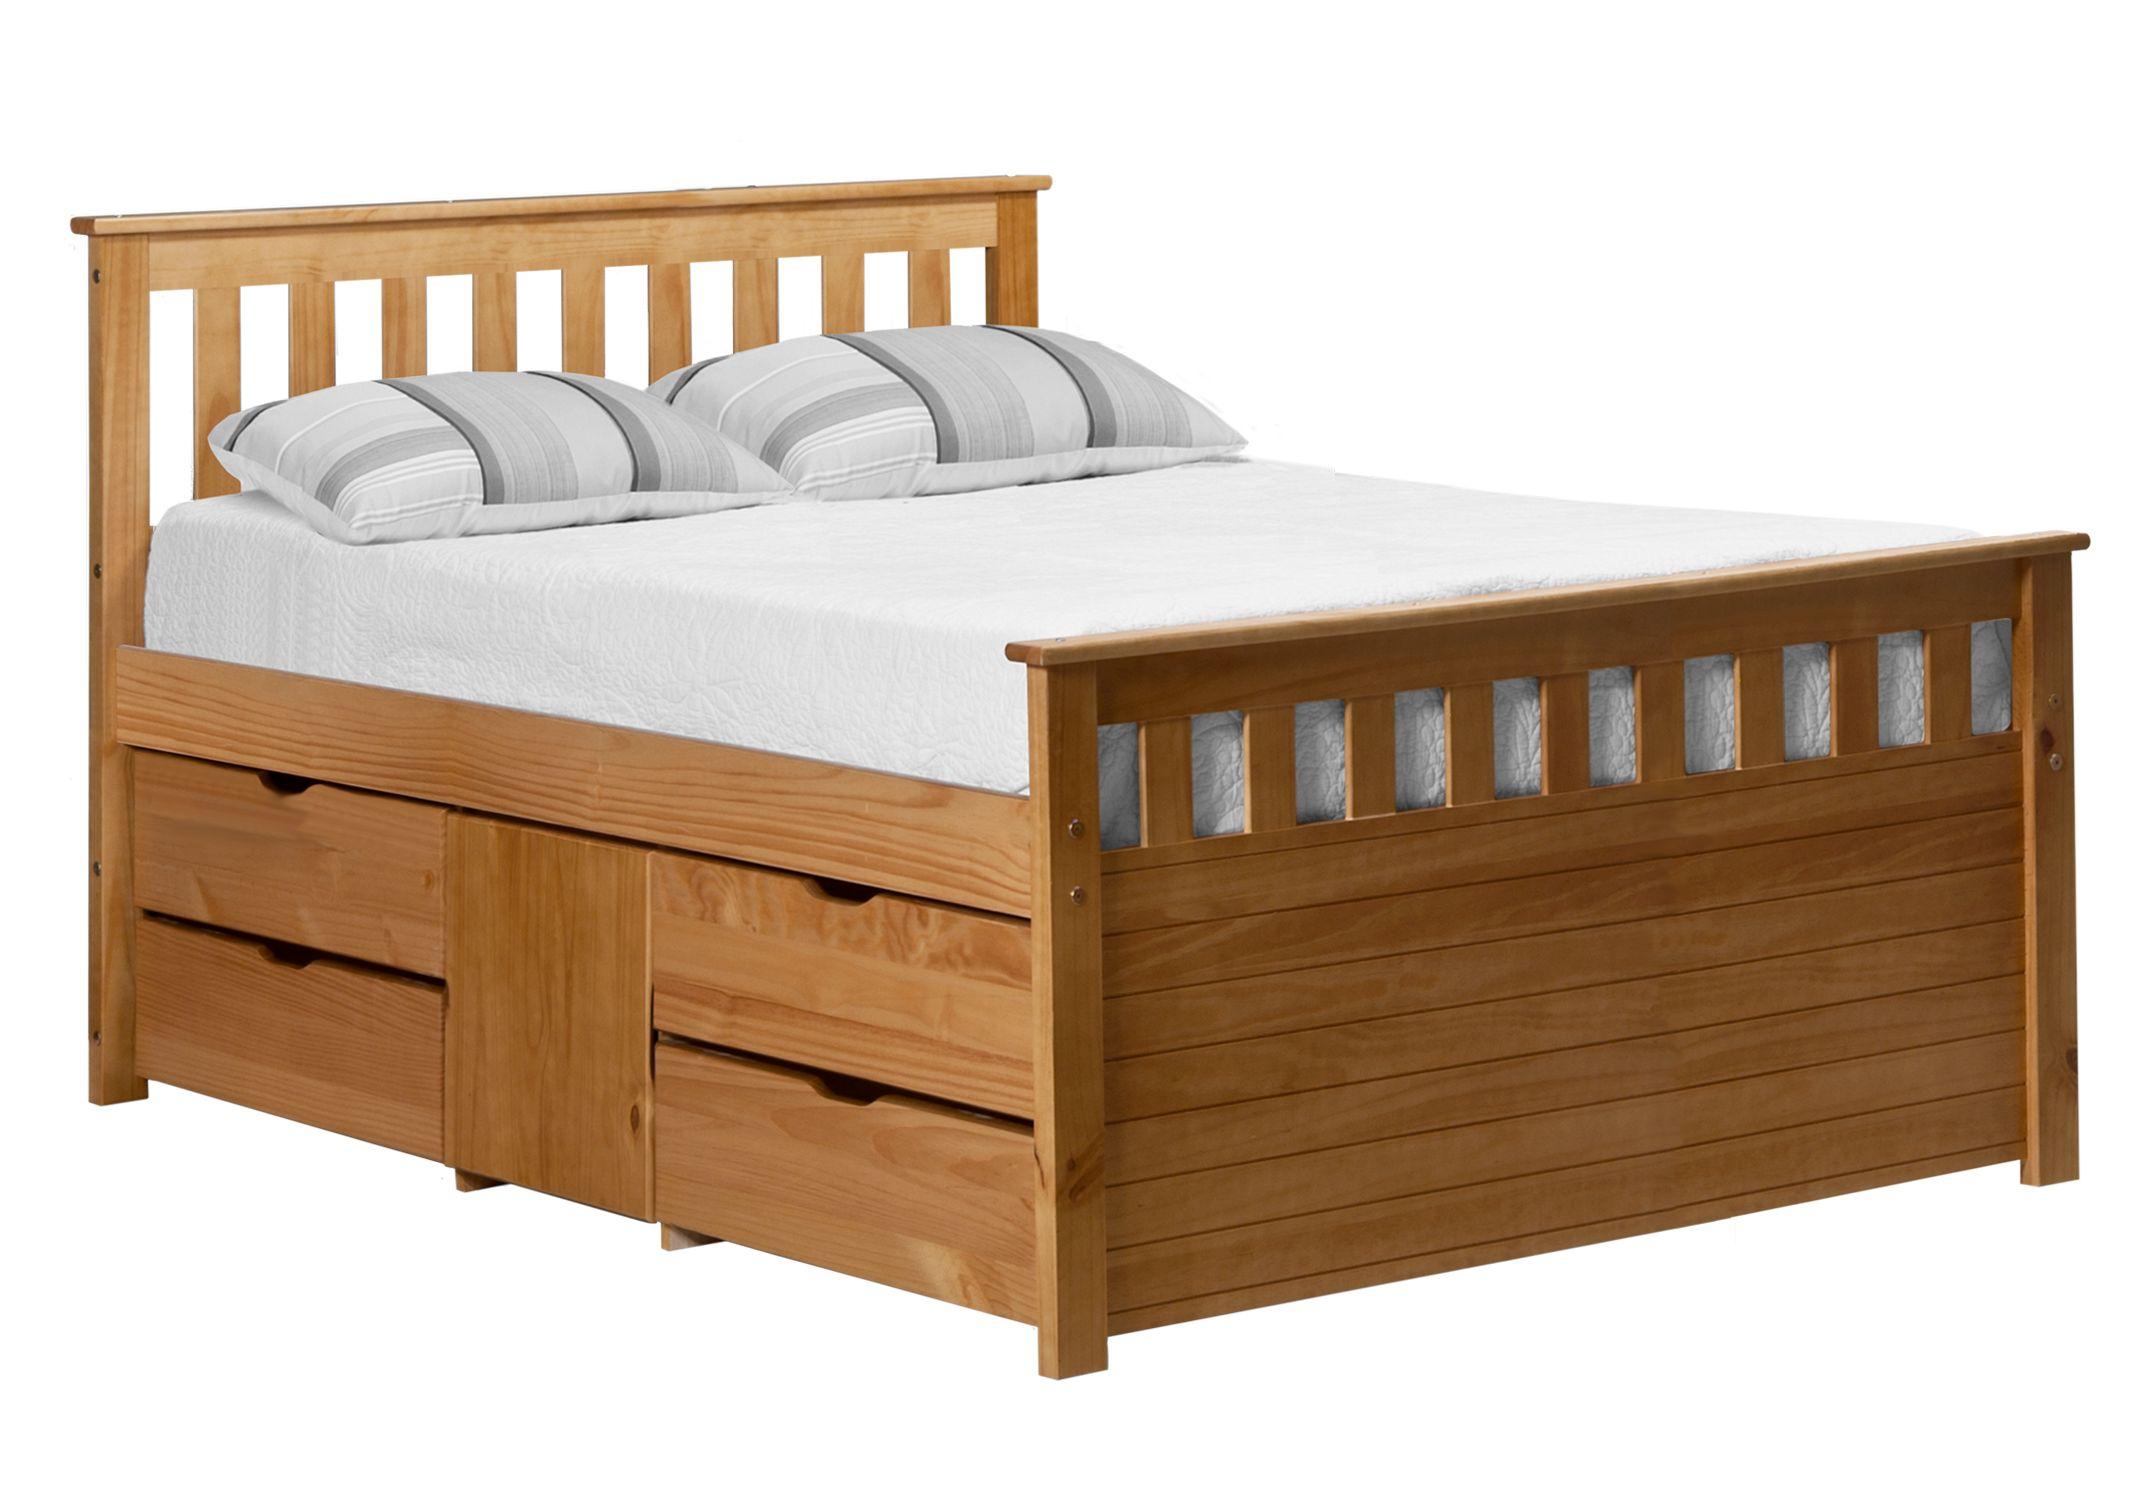 КРОВАТЬ Single bed frame, Bed, Guest bed